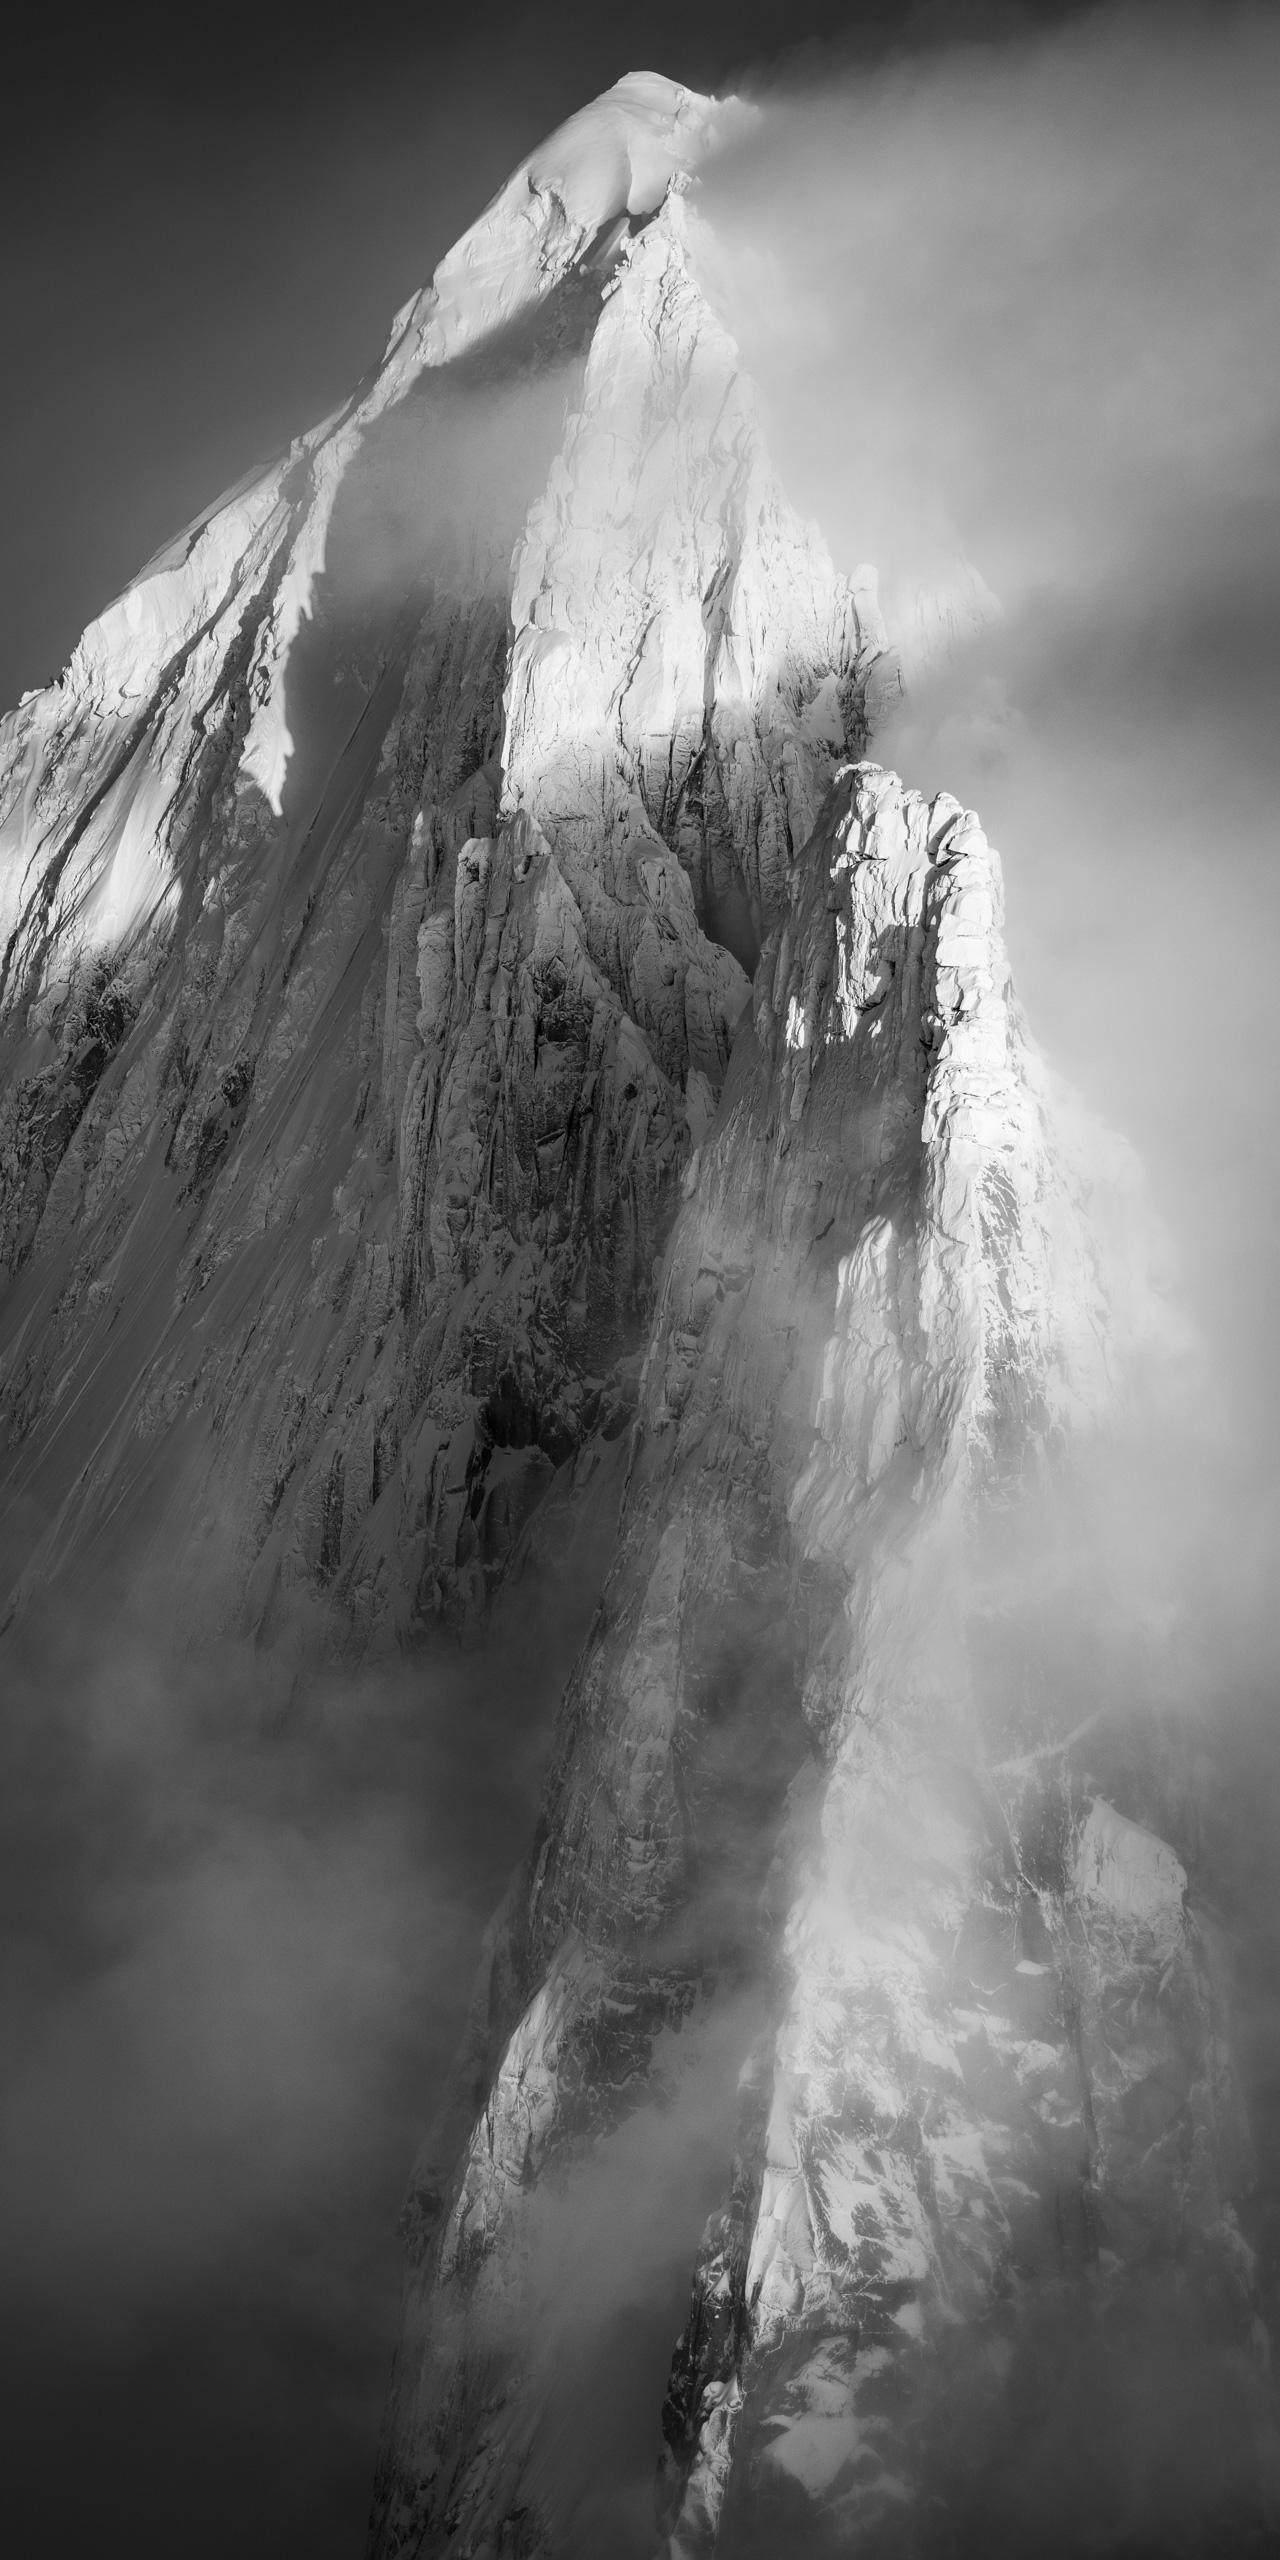 Photo des Drus verticale - Aiguille Verte ennneigée - Aiguille des Drus givrés - Chamonix